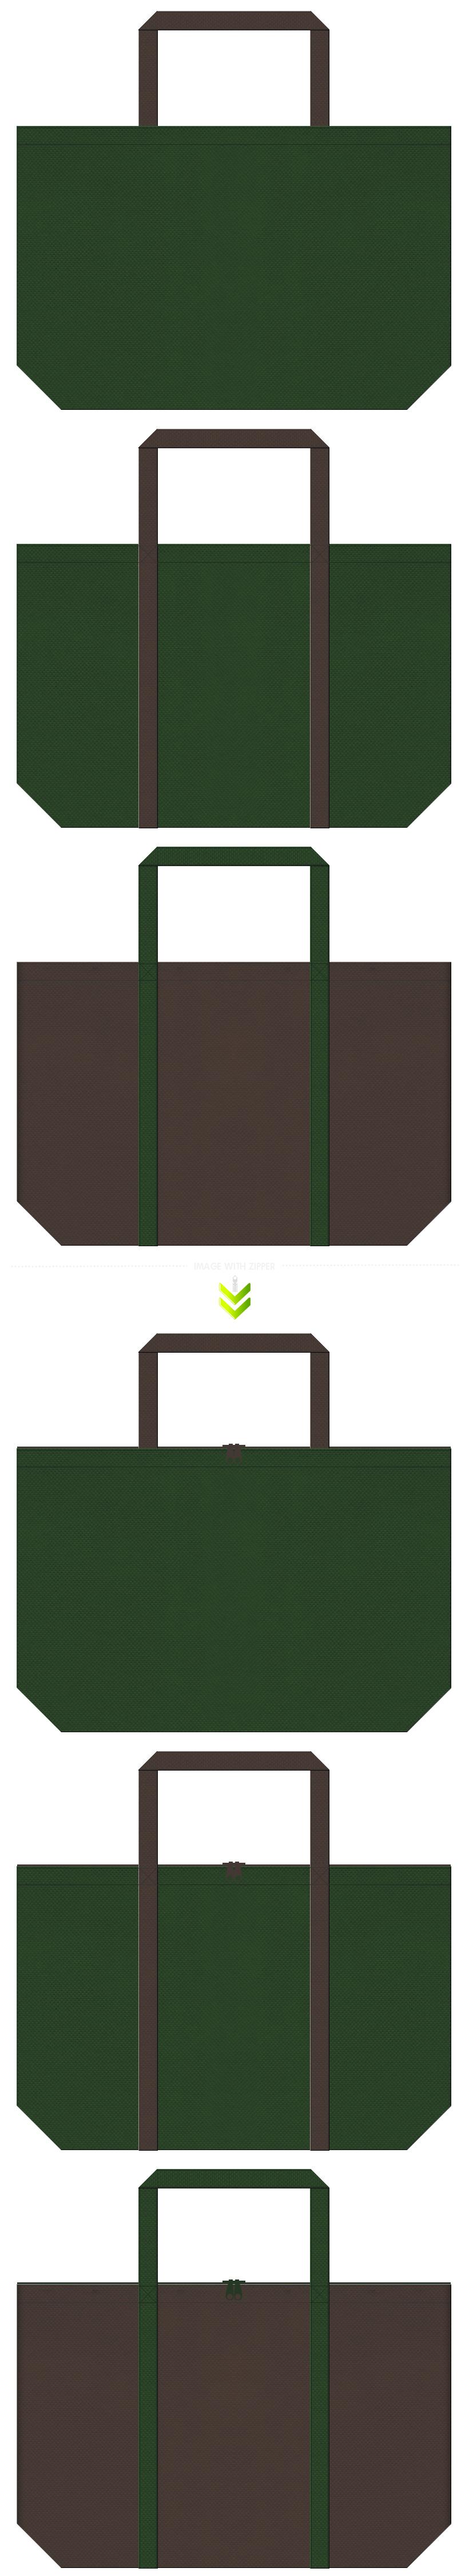 濃緑色とこげ茶色の不織布エコバッグのデザイン。恐竜・ジャングルのイメージや、メンズ衣料のショッピングバッグやトラベルバッグのノベルティにお奨めです。